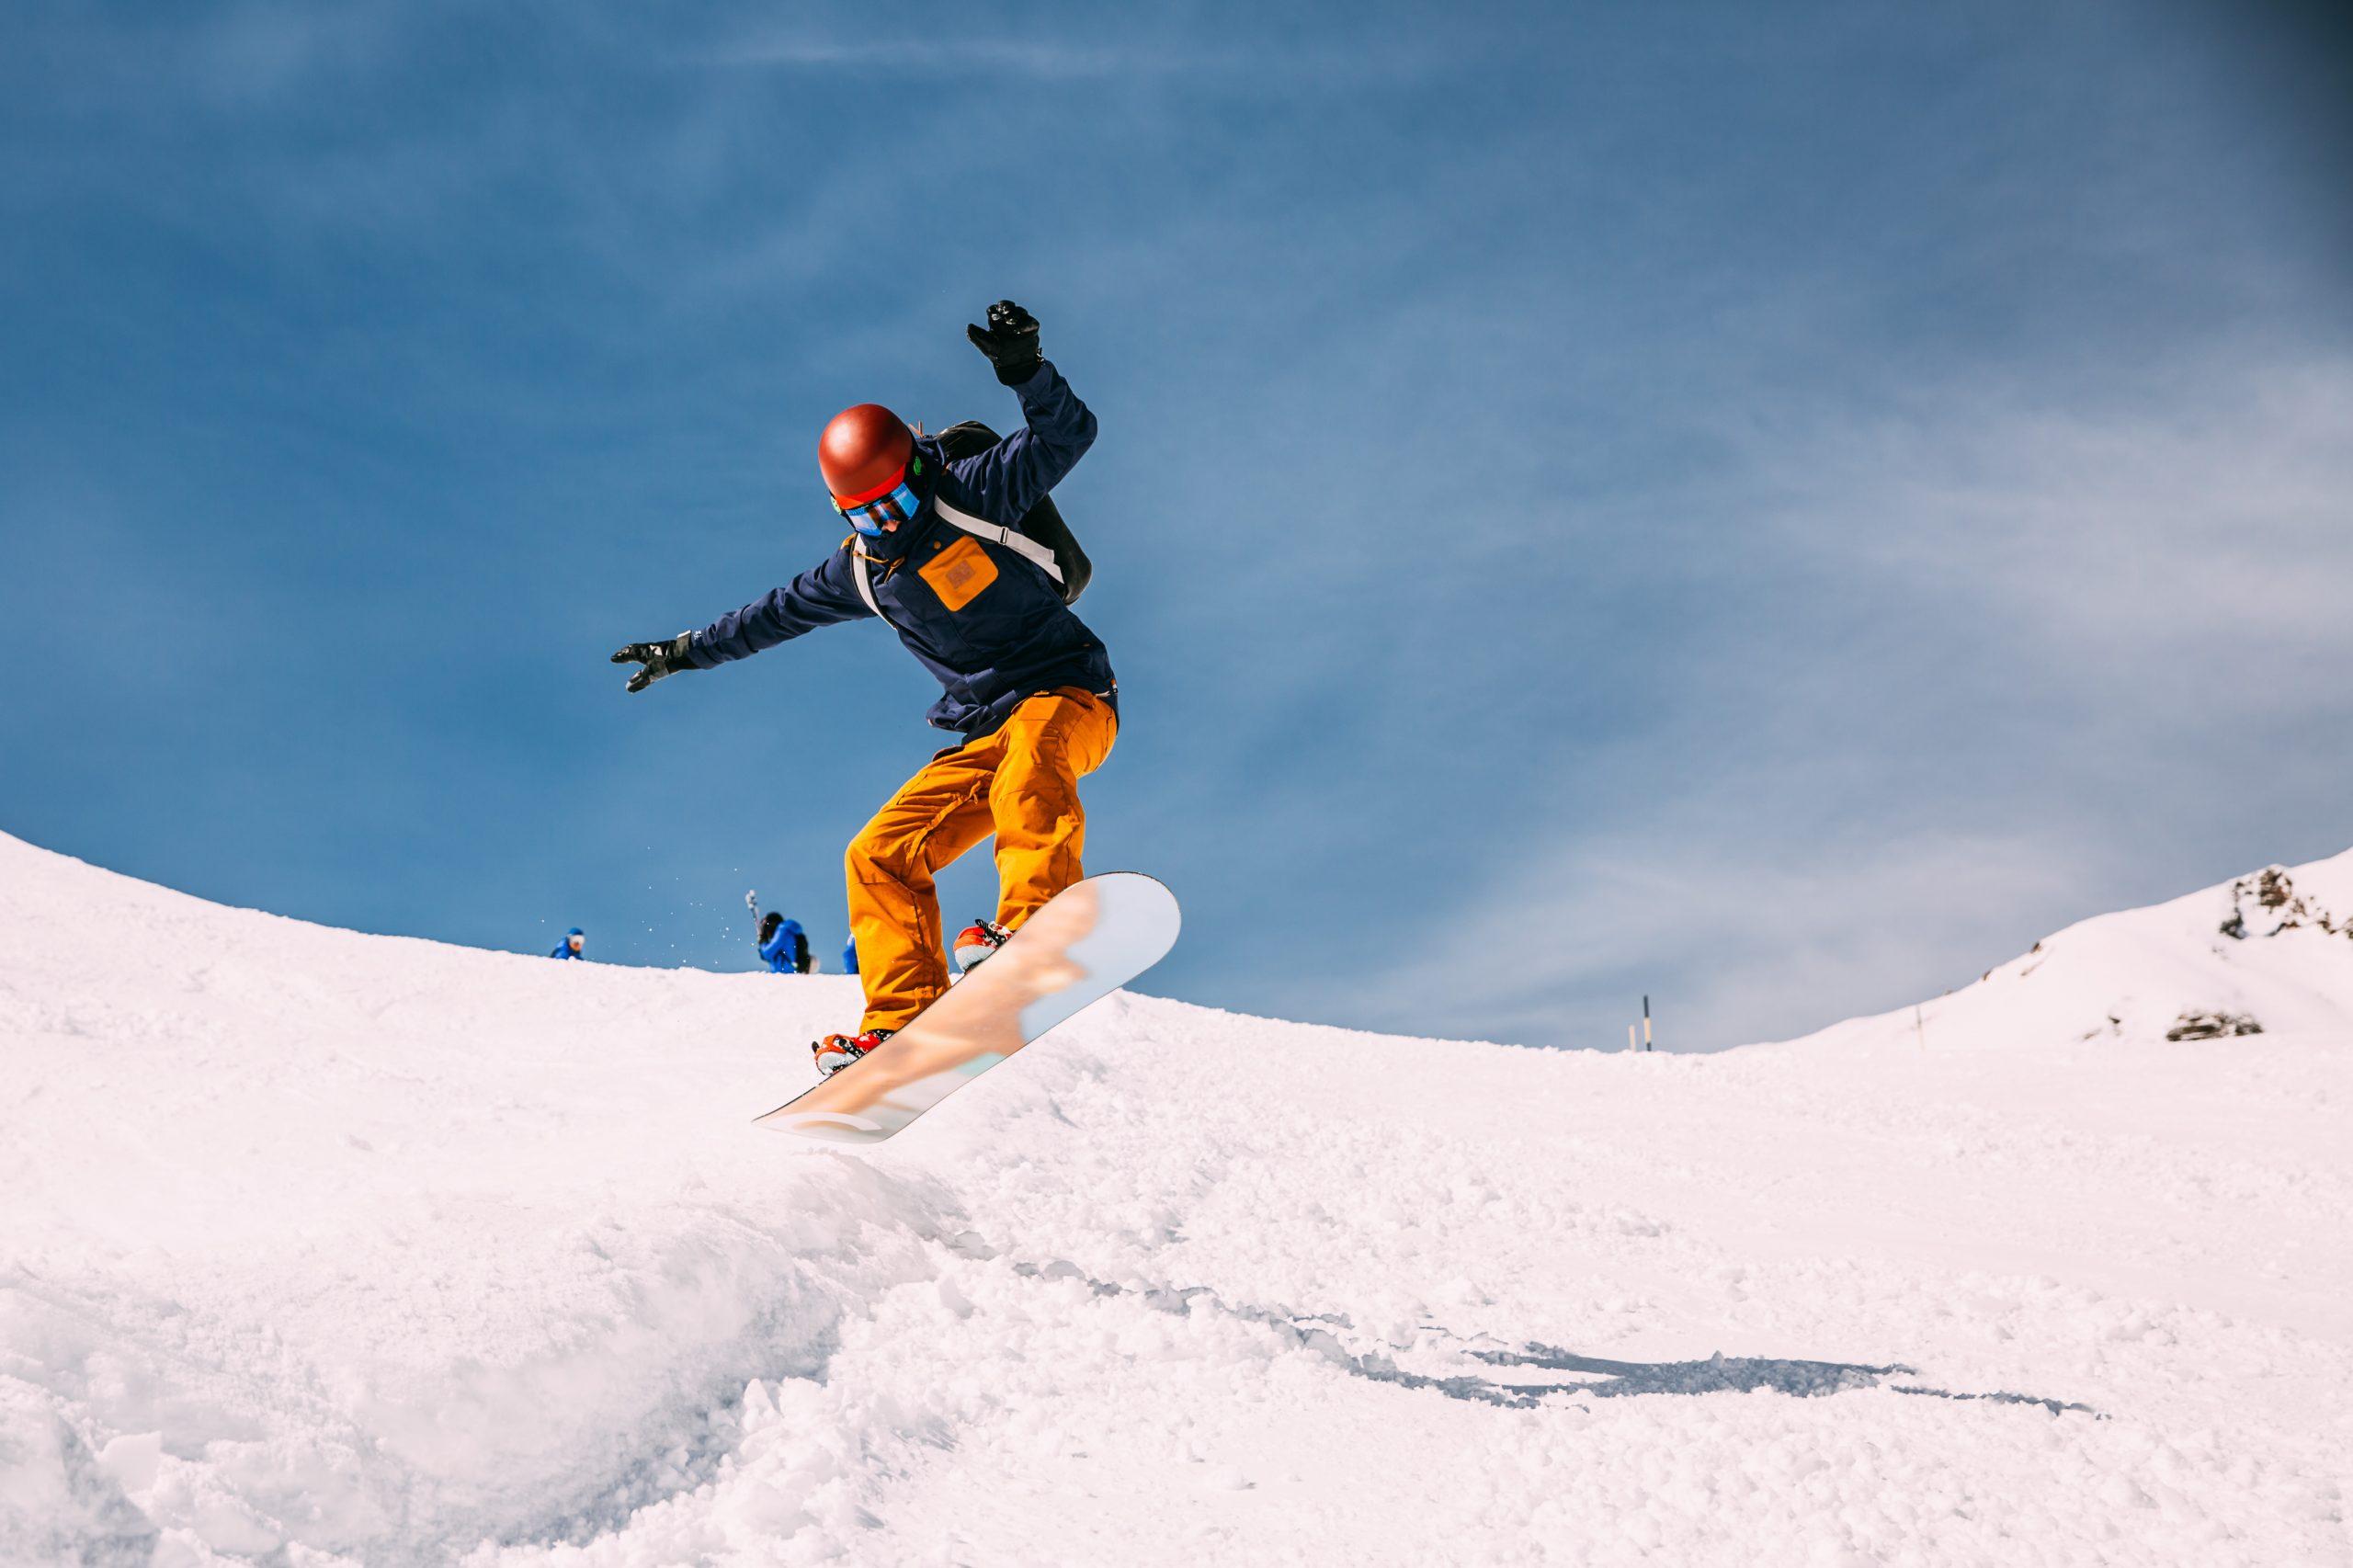 Sunweb, Danmarks femtestørste charterarrangør, er også stor på skirejser og forventer i år at sælge mindst ti procent flere skirejser end i sin hidtil bedste sæson. Pressefoto fra Sunweb Group Scandinavia.